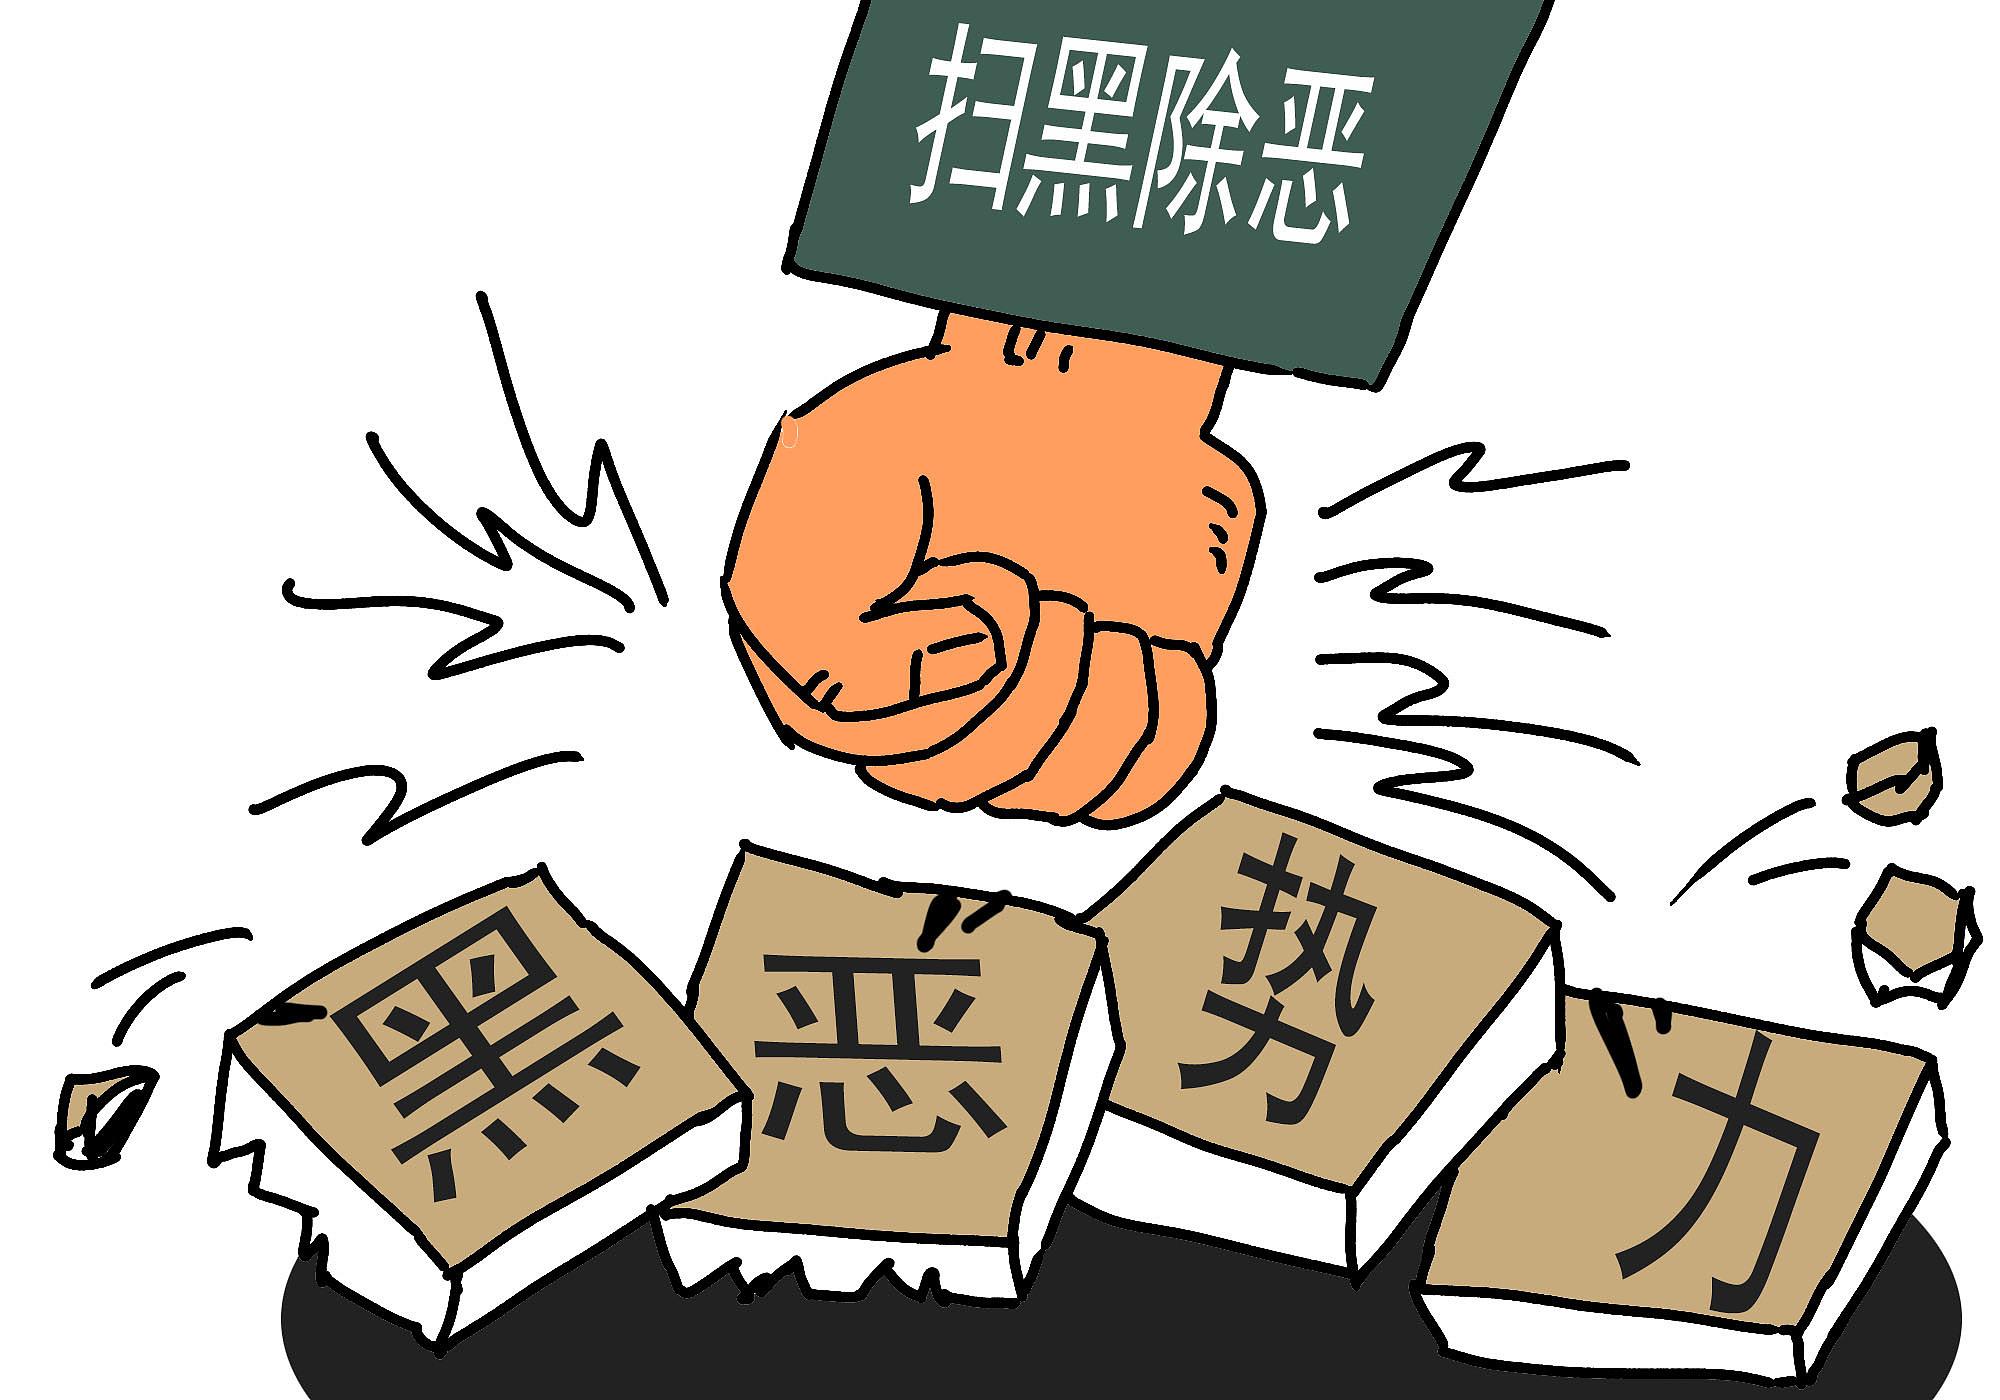 """【扫黑除恶中央督导在河北】邢台警方剑指黑恶严打""""套路贷"""""""